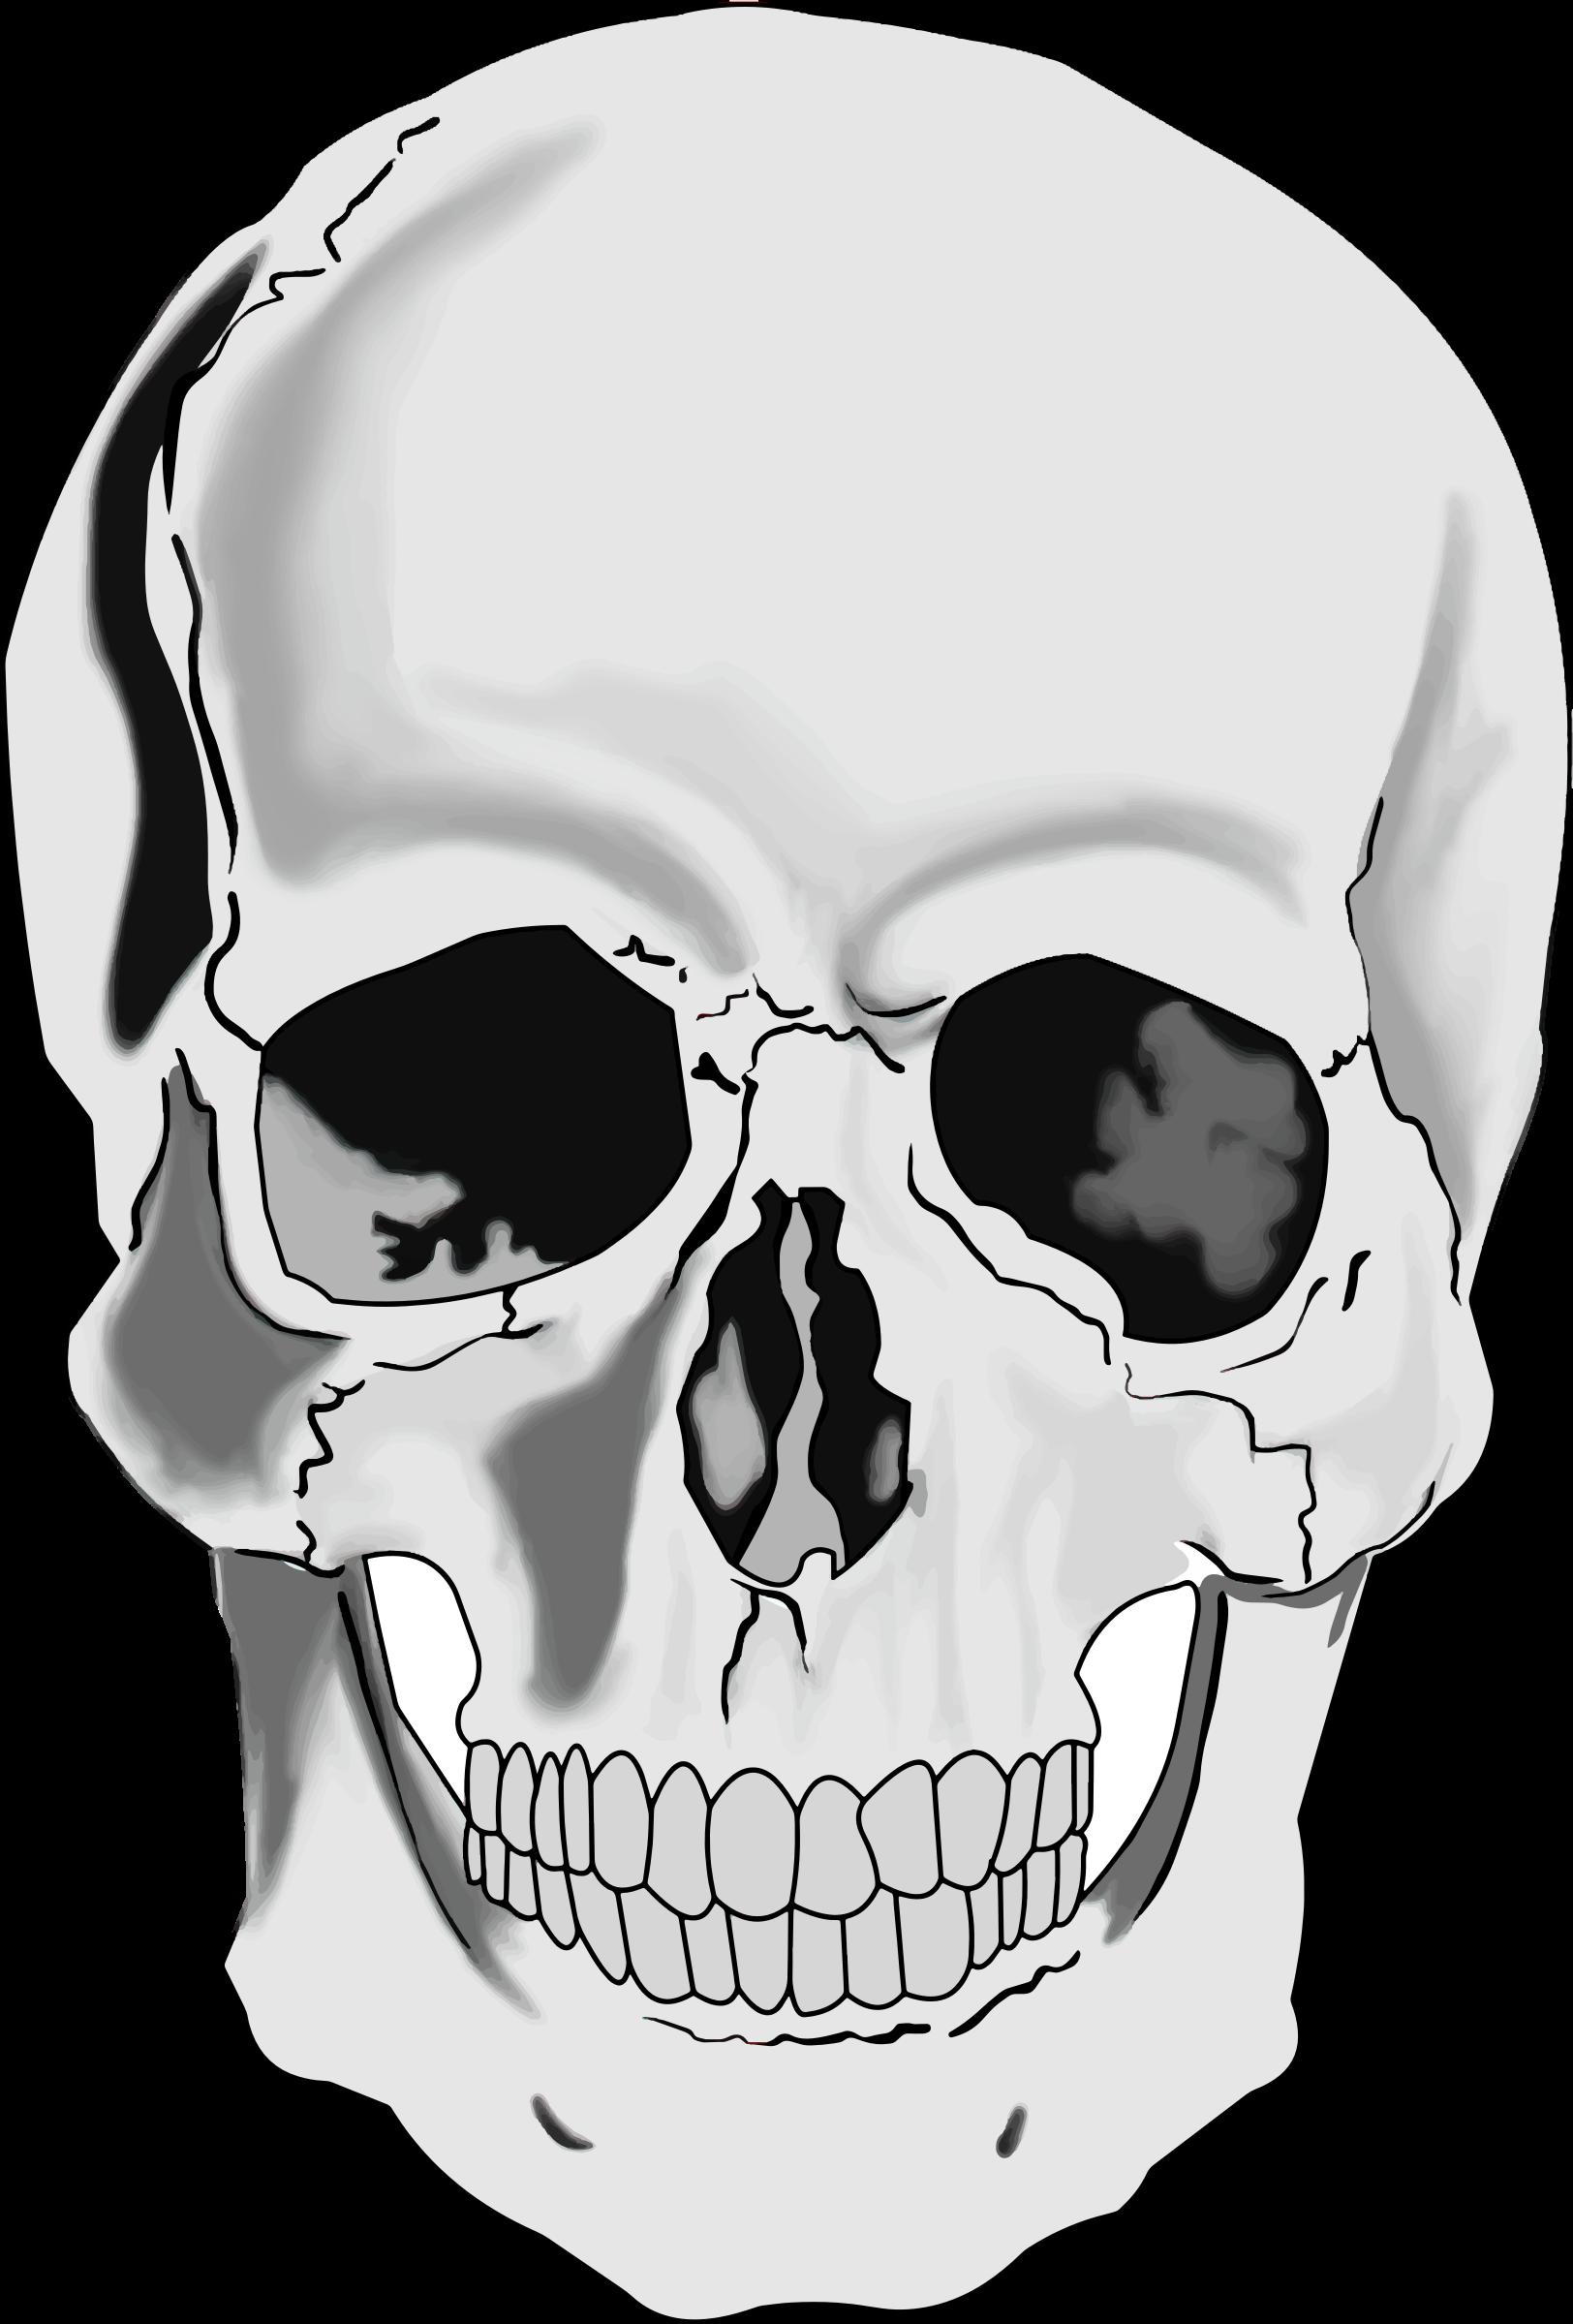 Clipart skull. Realistic human big image